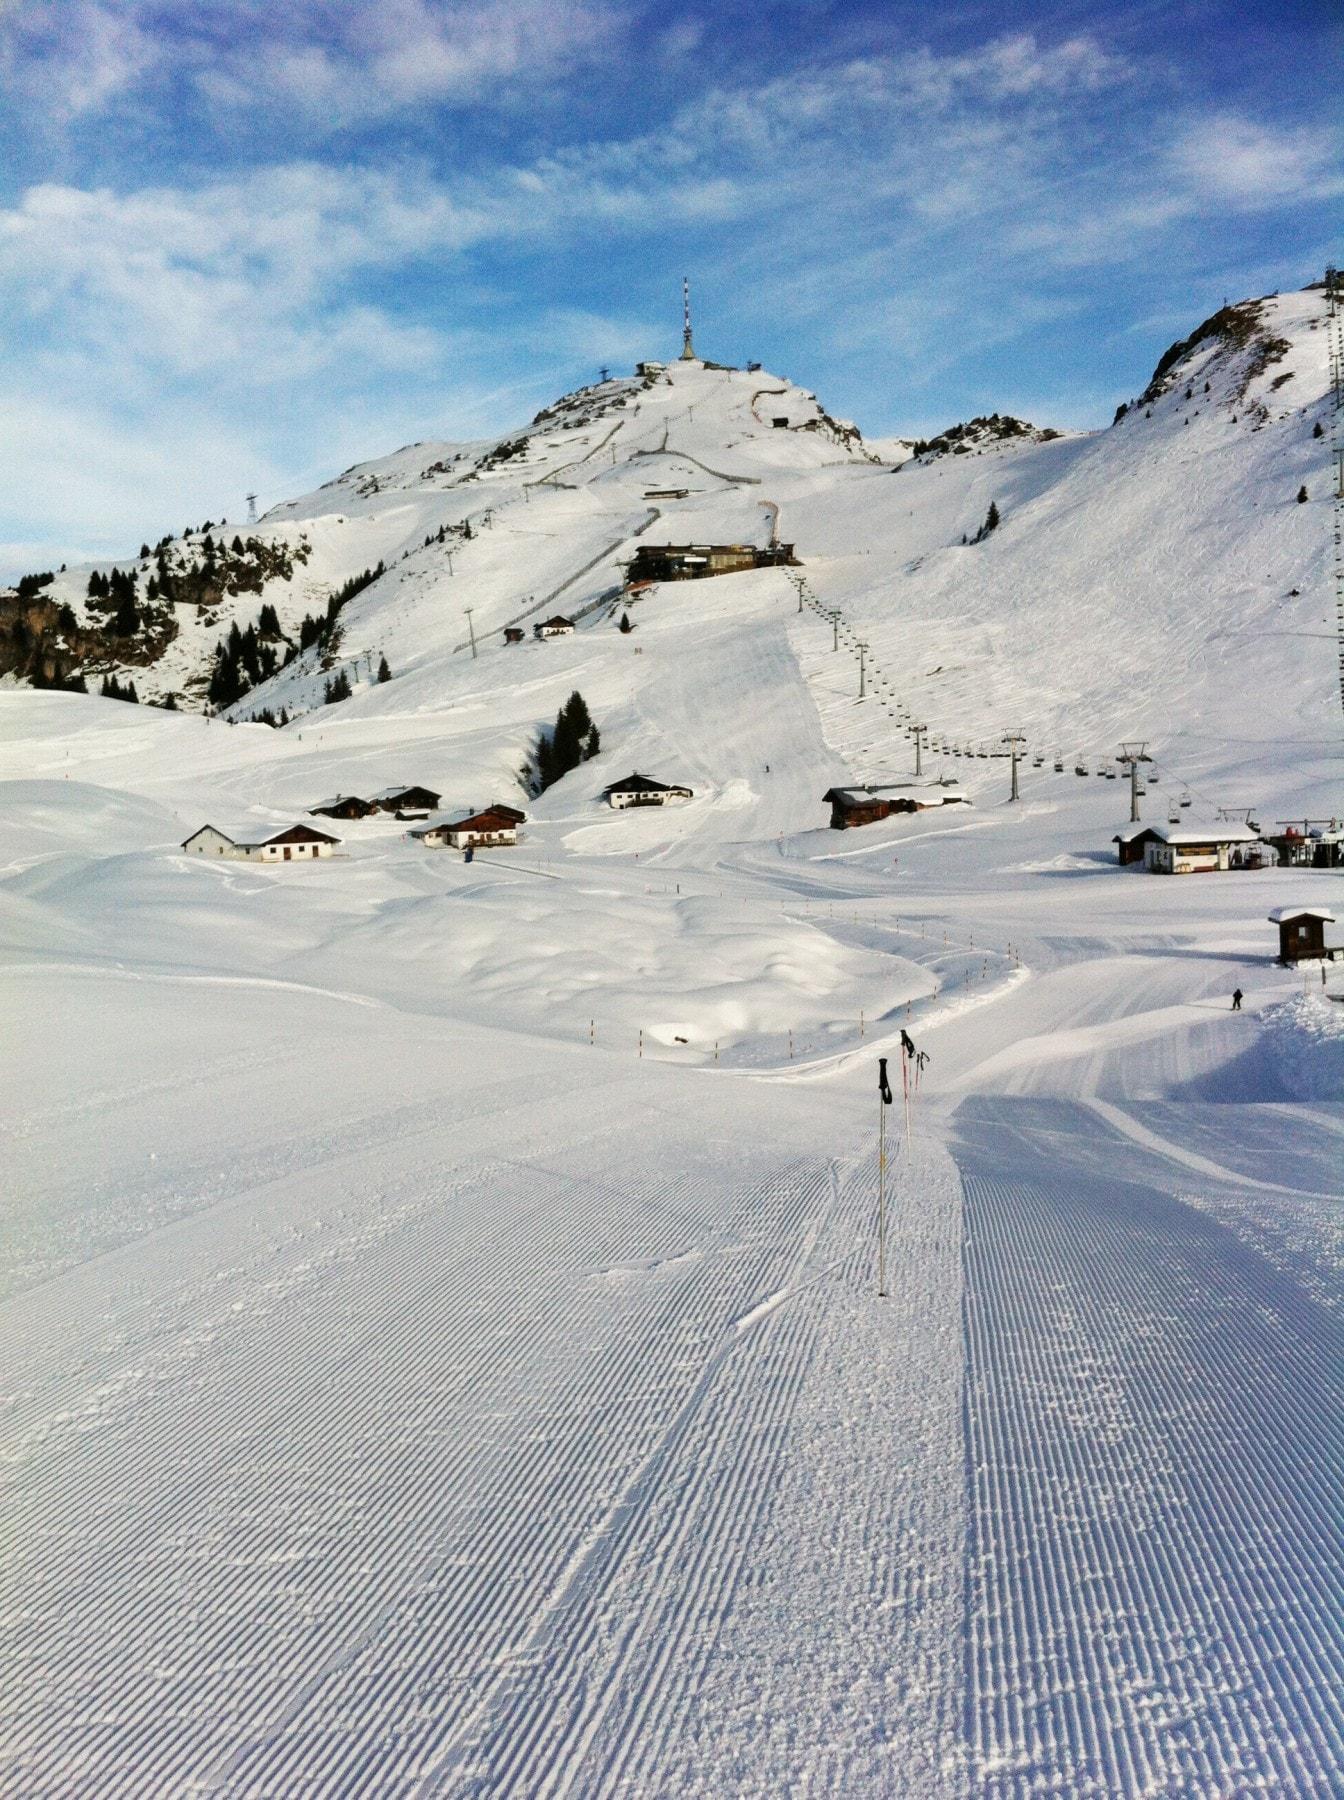 אתר הסקי Kitzbuehel